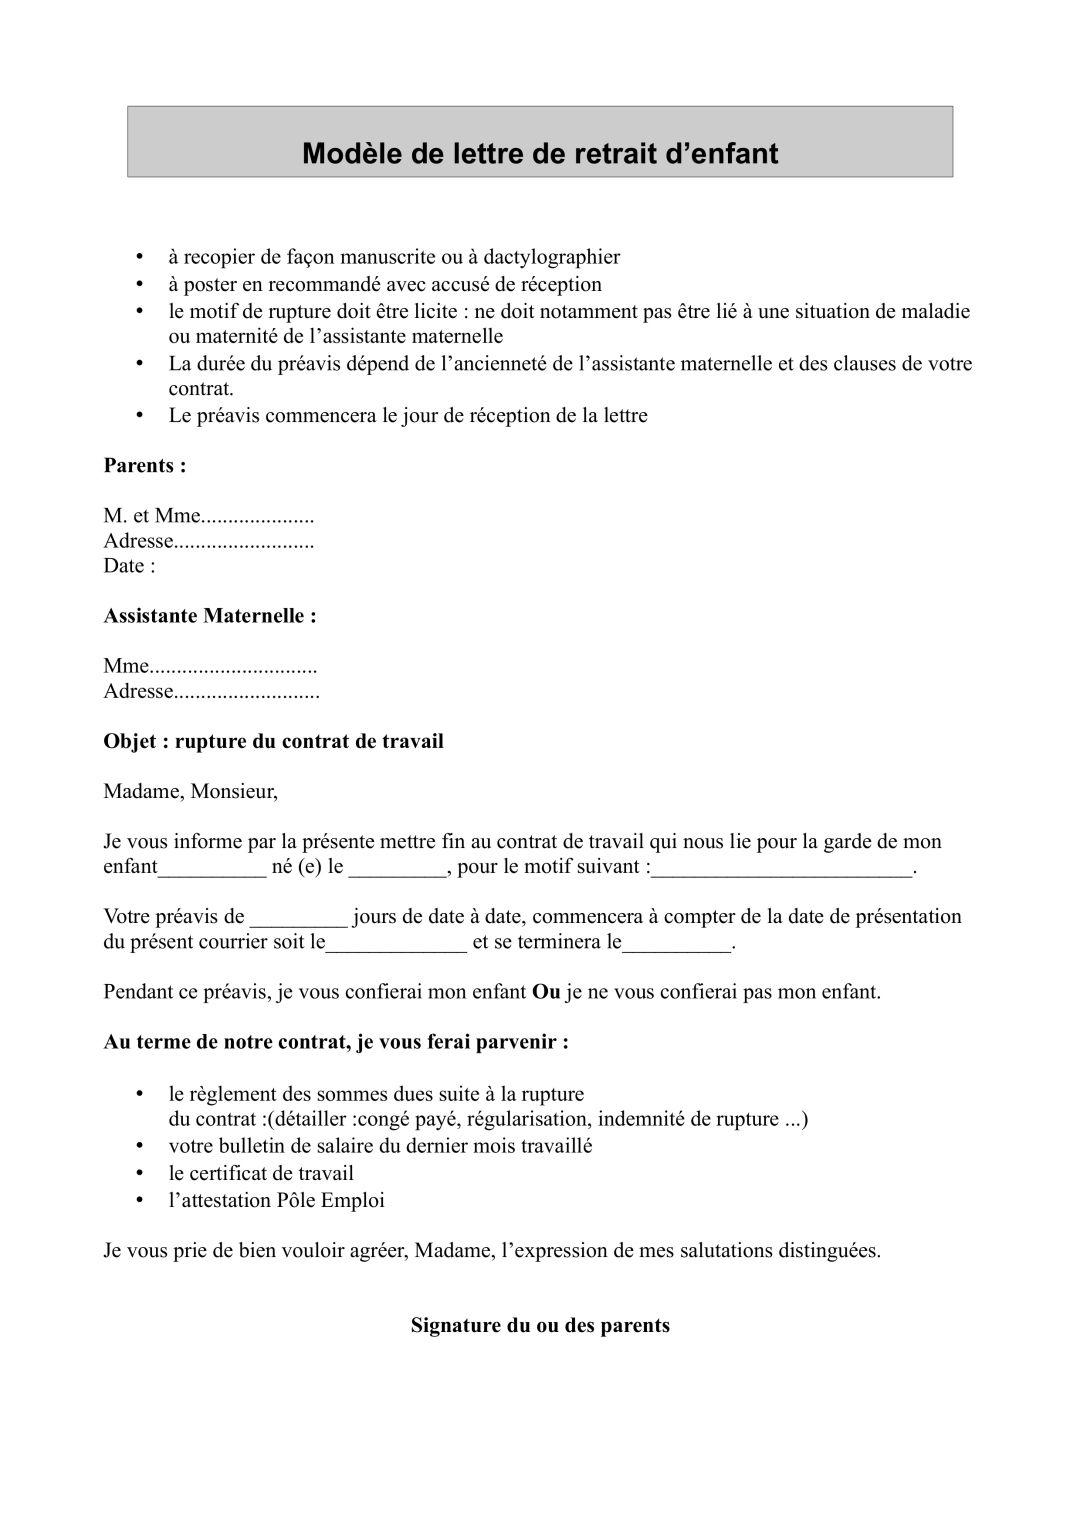 modele de lettre rupture contrat nounou Documents à télécharger pour les Ass Mat et Parents  modele de lettre rupture contrat nounou